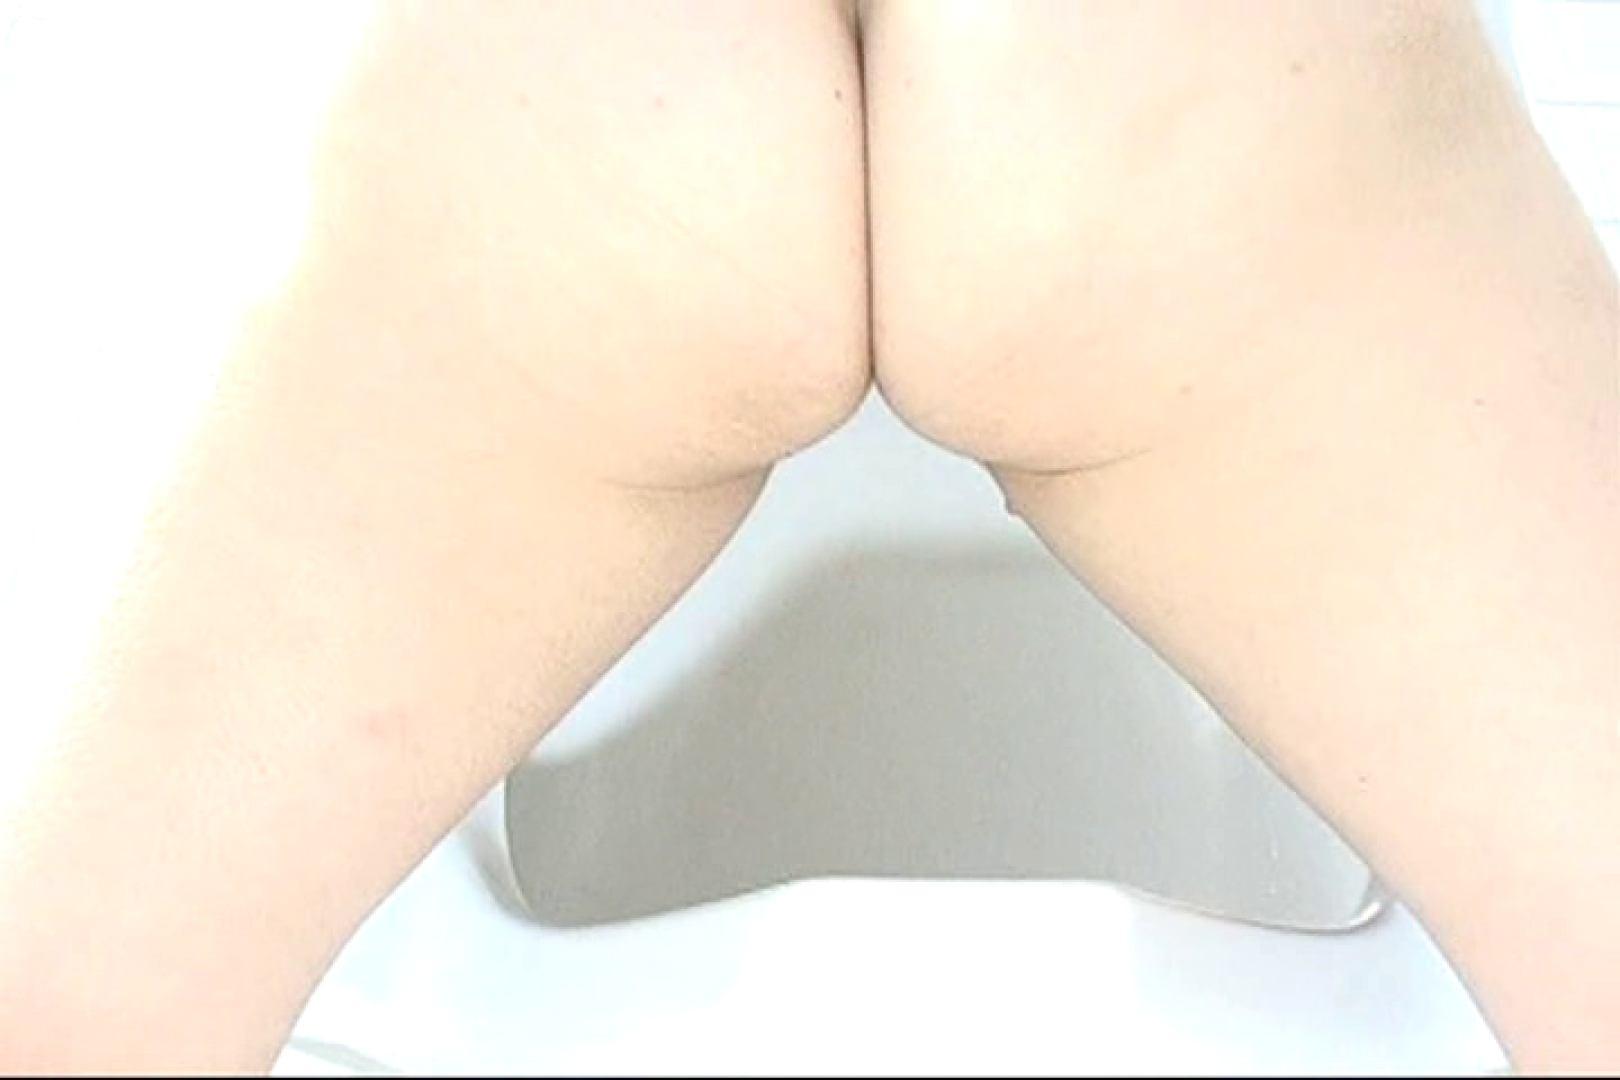 雑居ビル洗面所只今使用禁止中!Vol.3 現役ギャル | 美しいOLの裸体  73pic 52